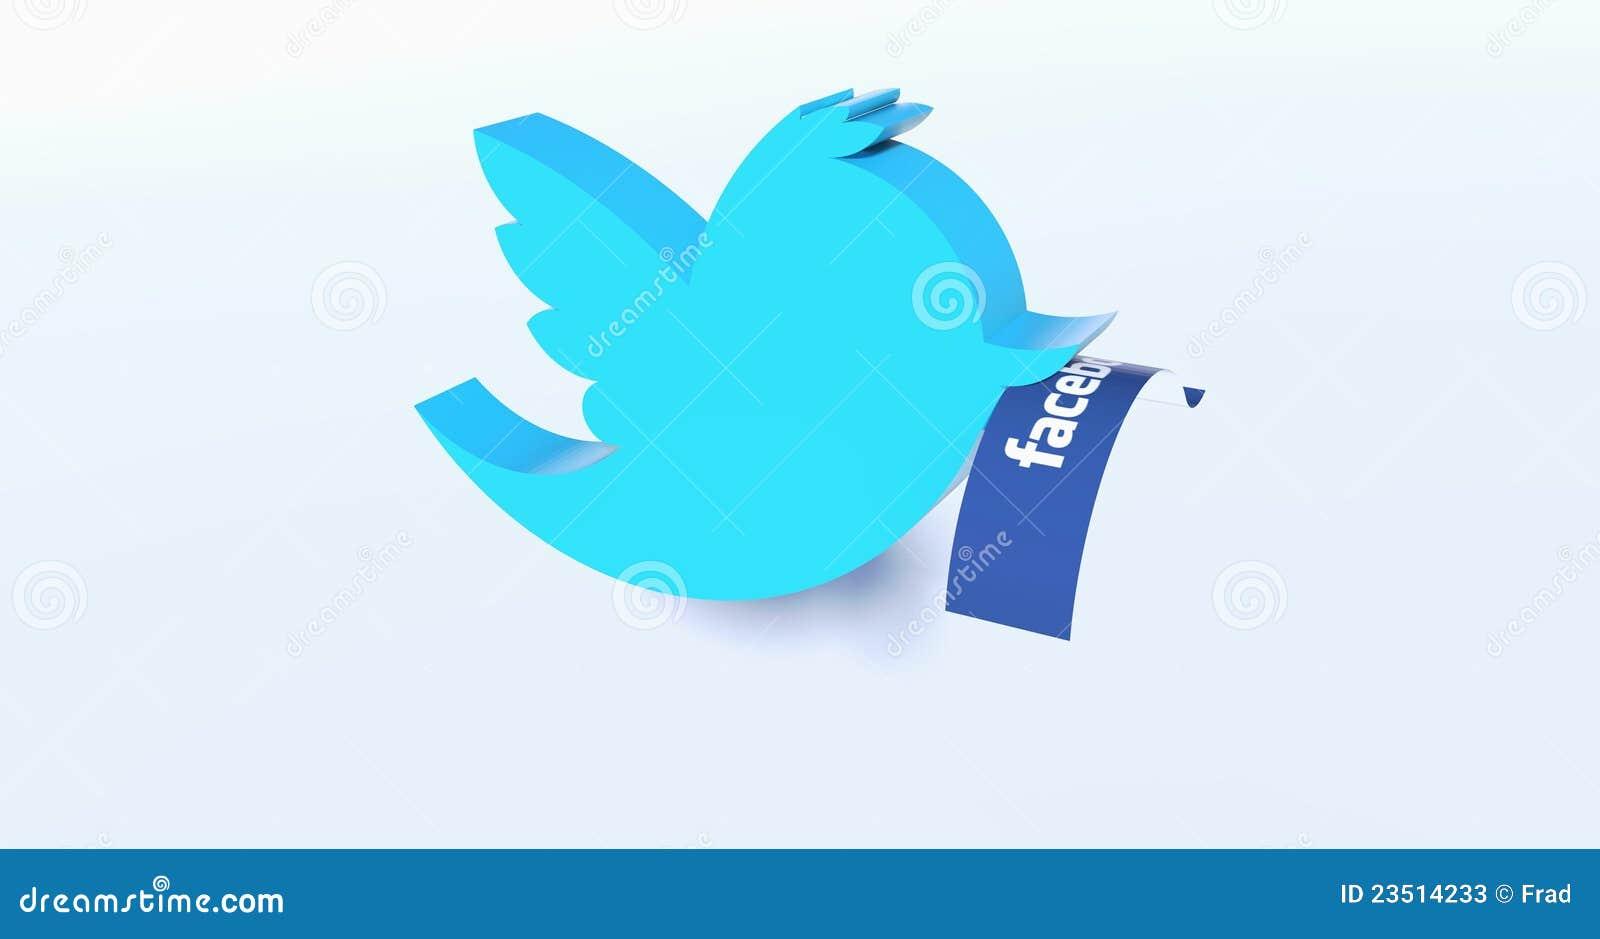 Le Twitter saisit Facebook